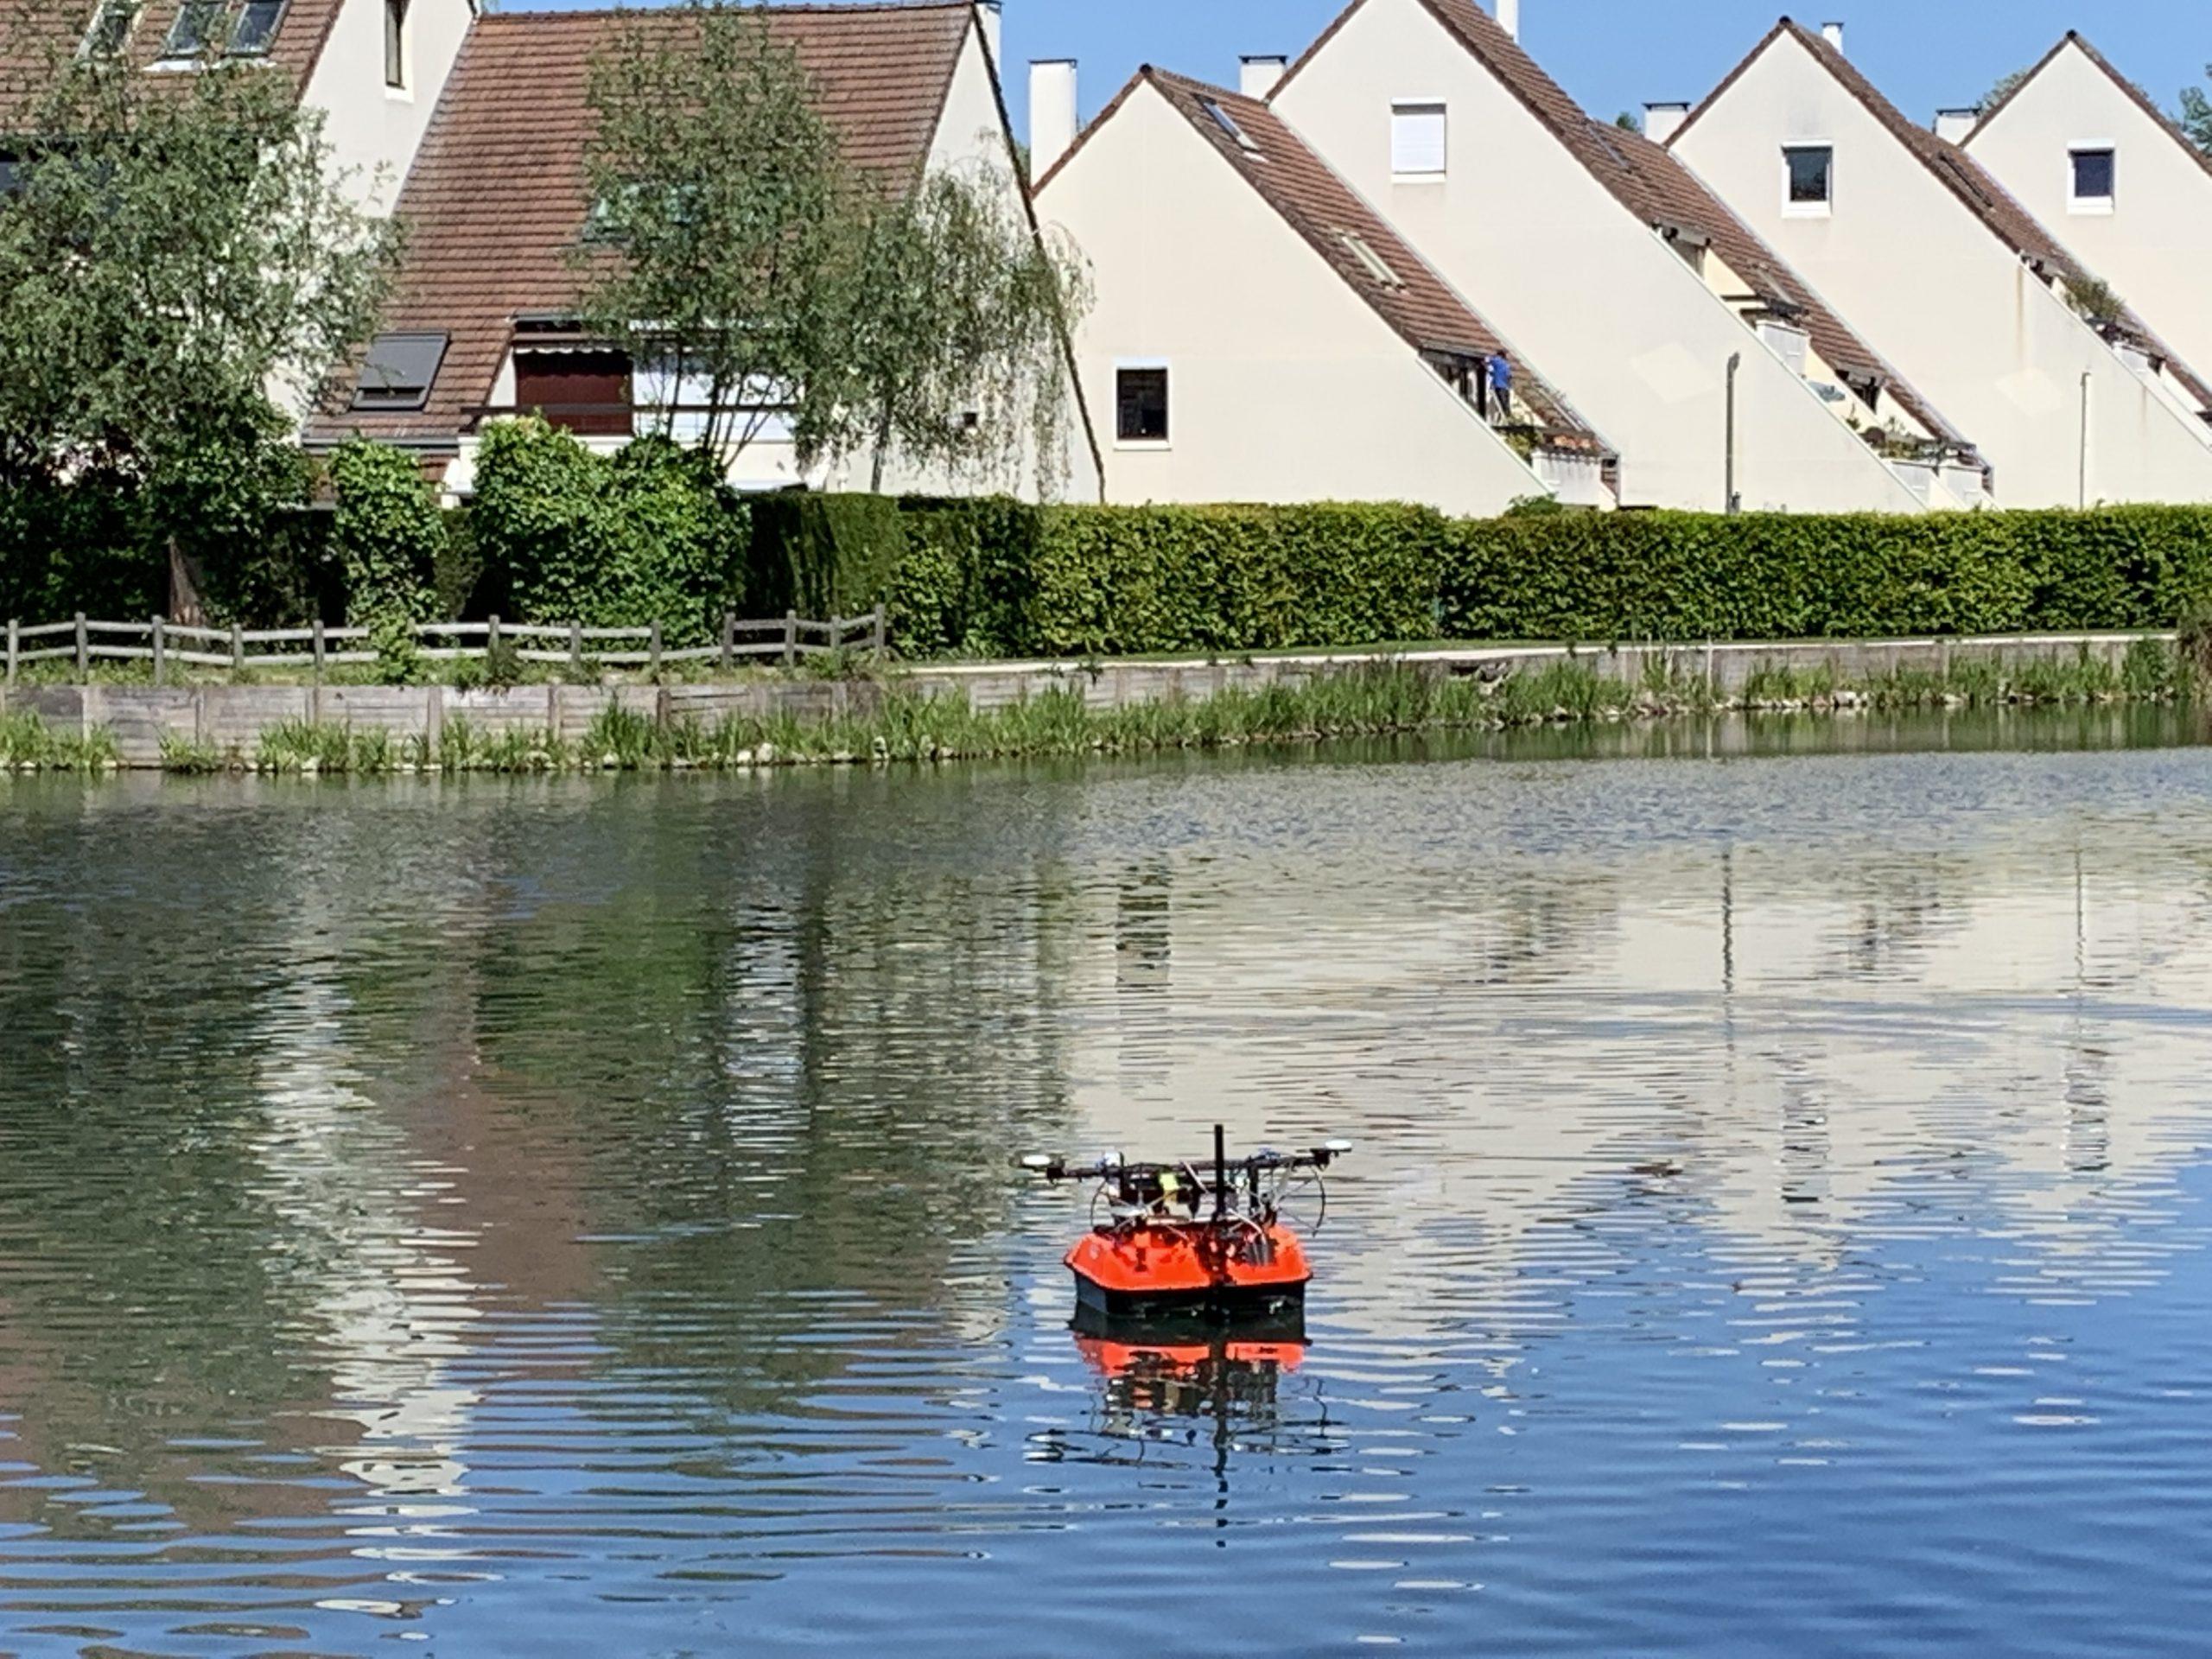 BDS-Bathymétrie-par-drones-aquatiques-plan-d'eau-urbain